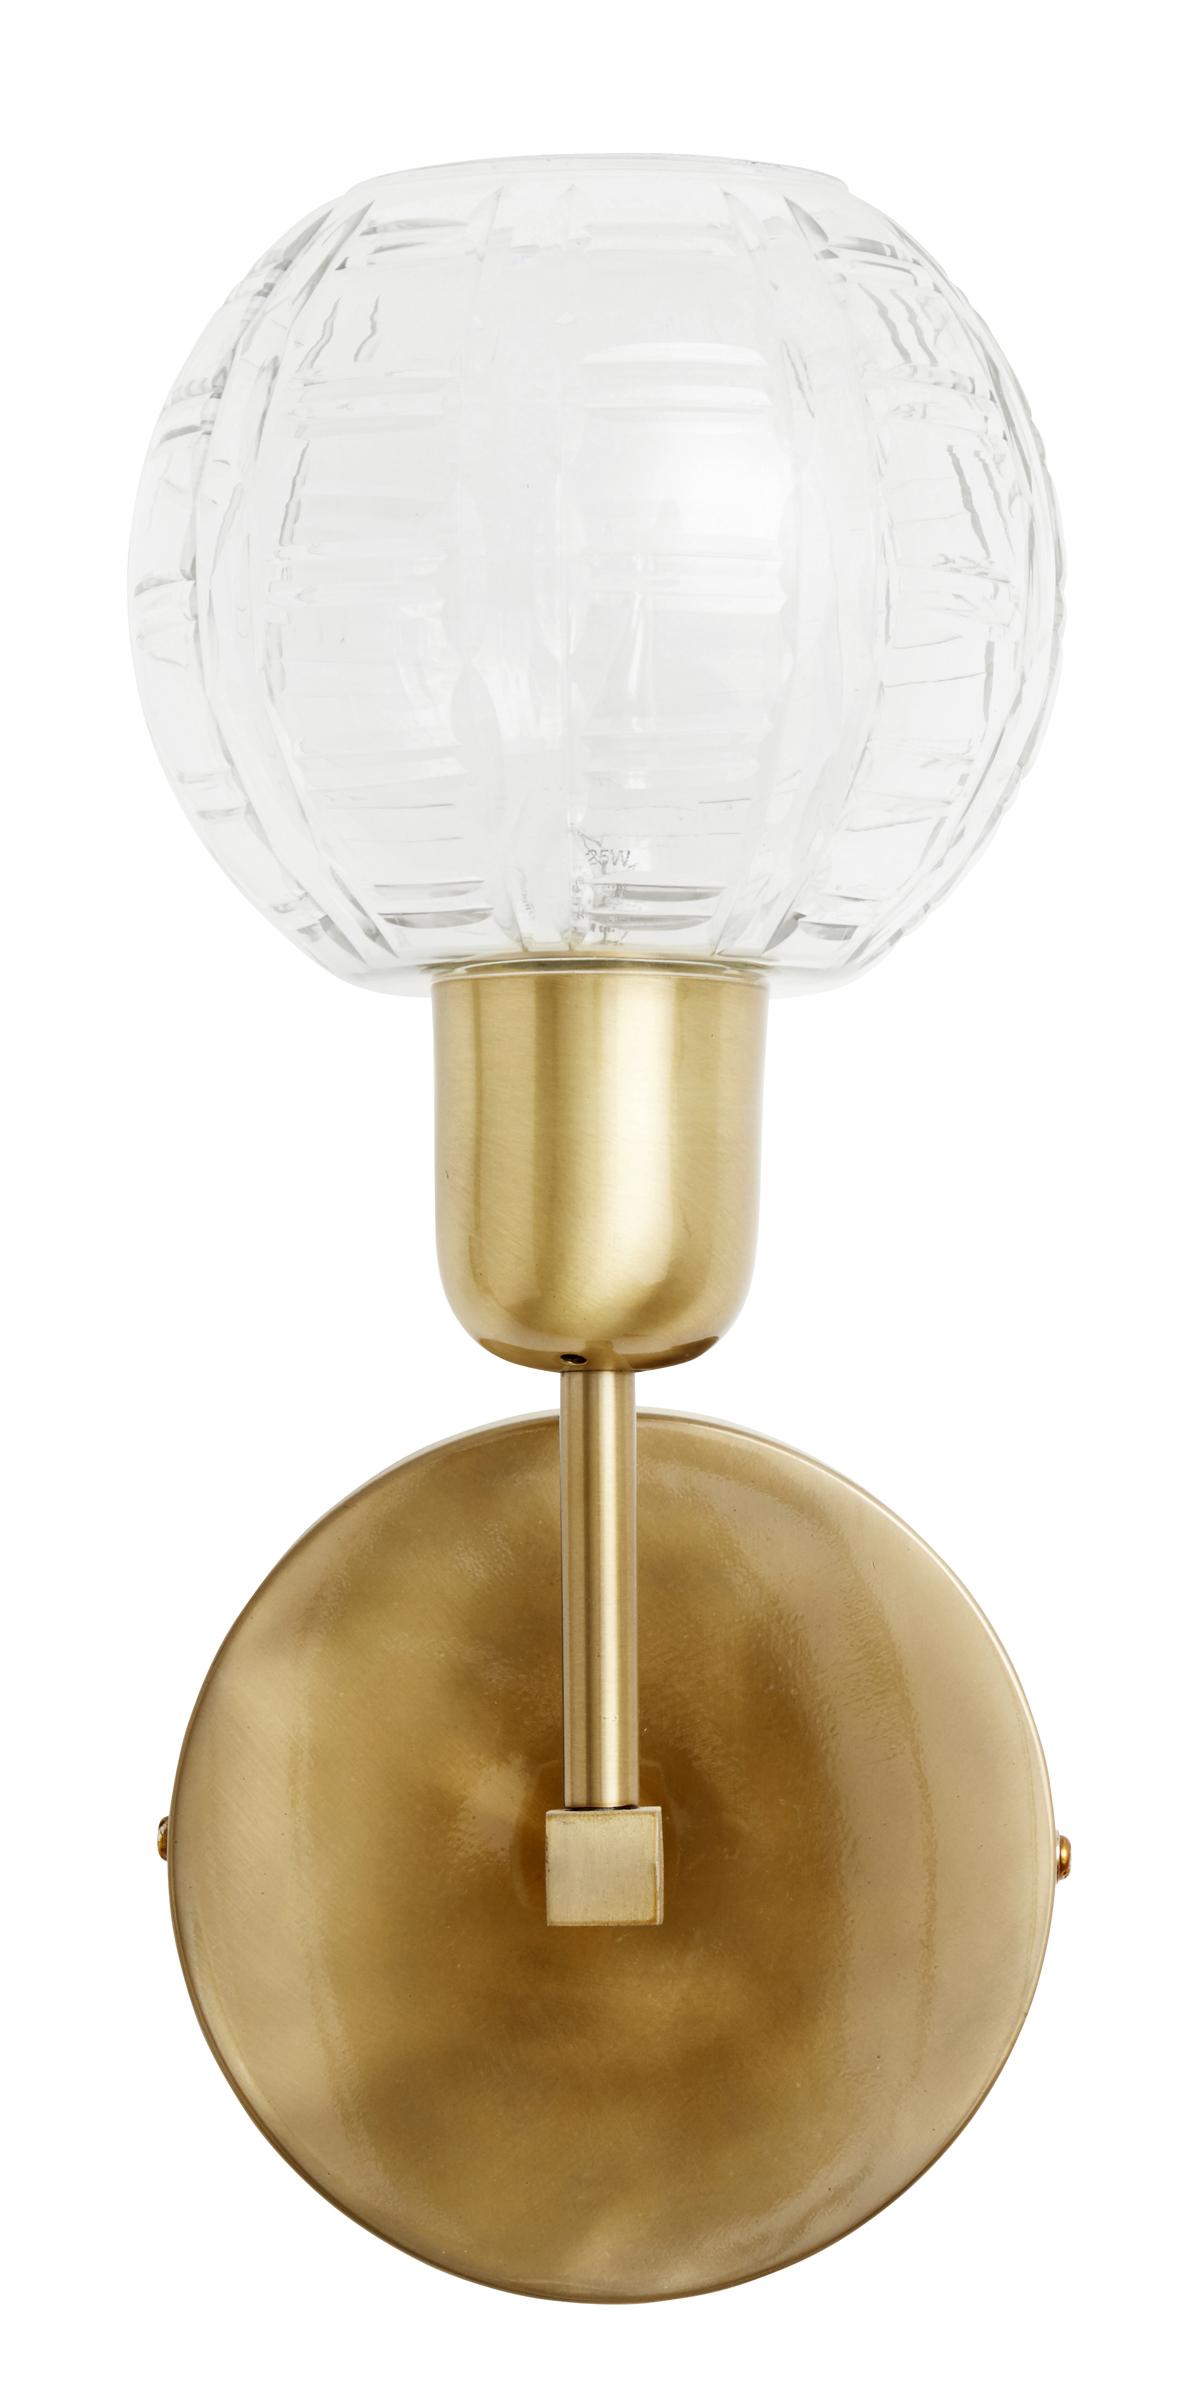 Nordal - Væglampe i glas og jern - Gylden Nordal